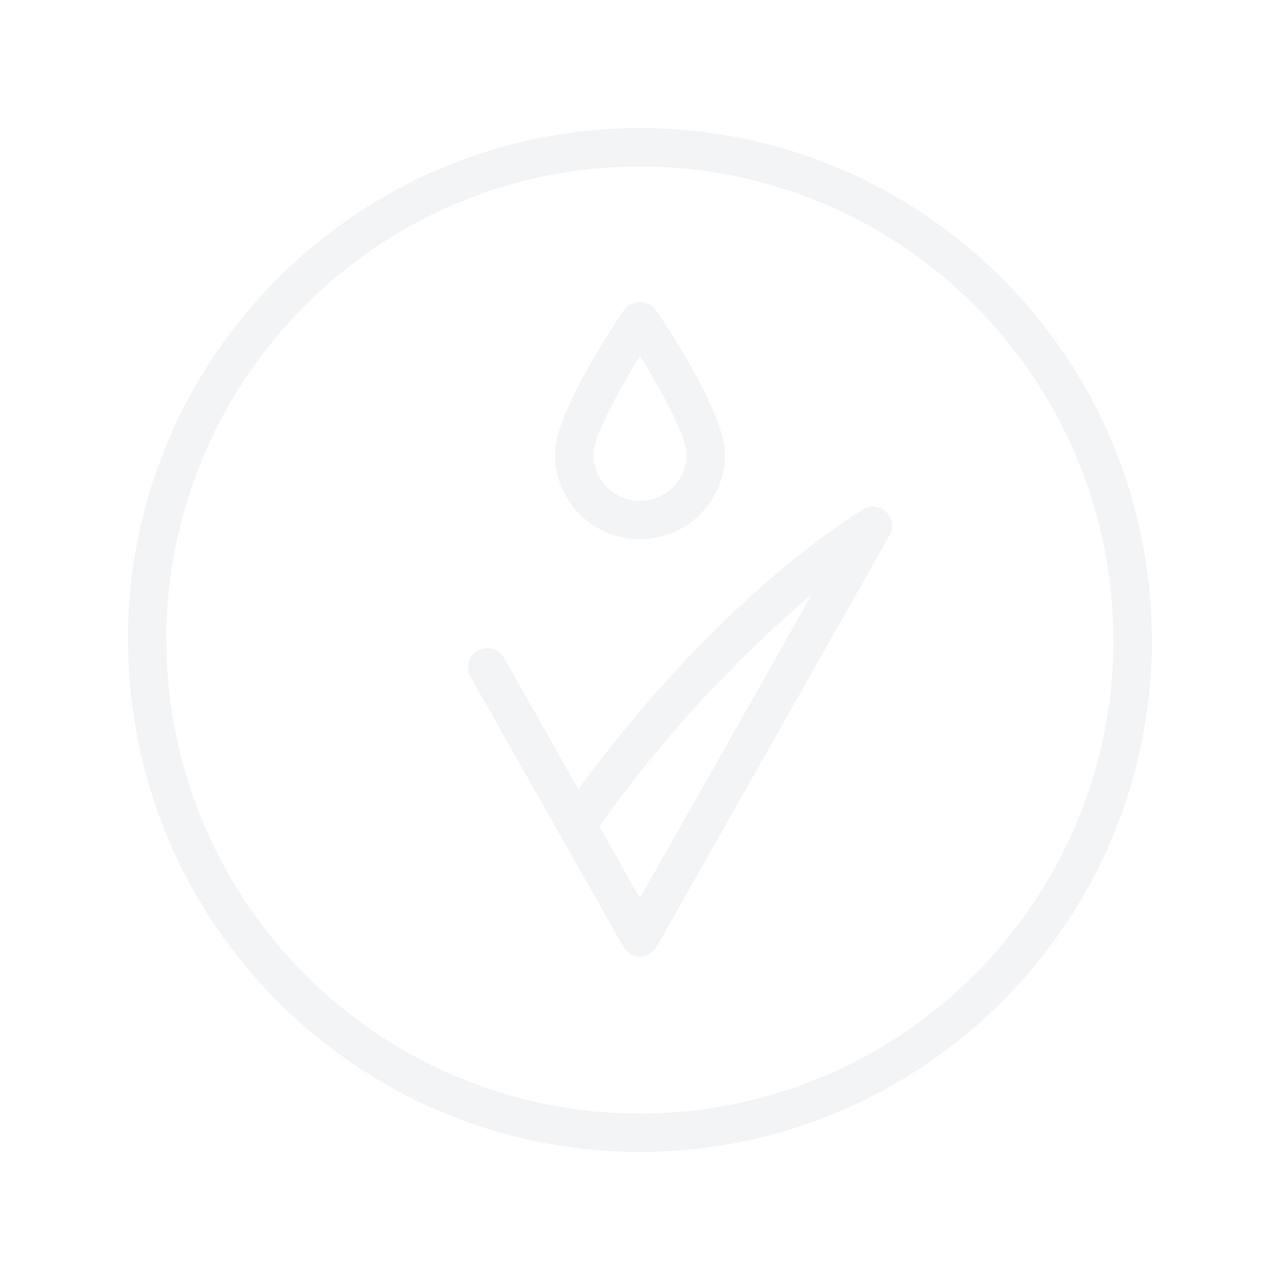 E.L.F. Aqua Beauty Primer Mist Clear водная основа-мист, прозрачный 30ml